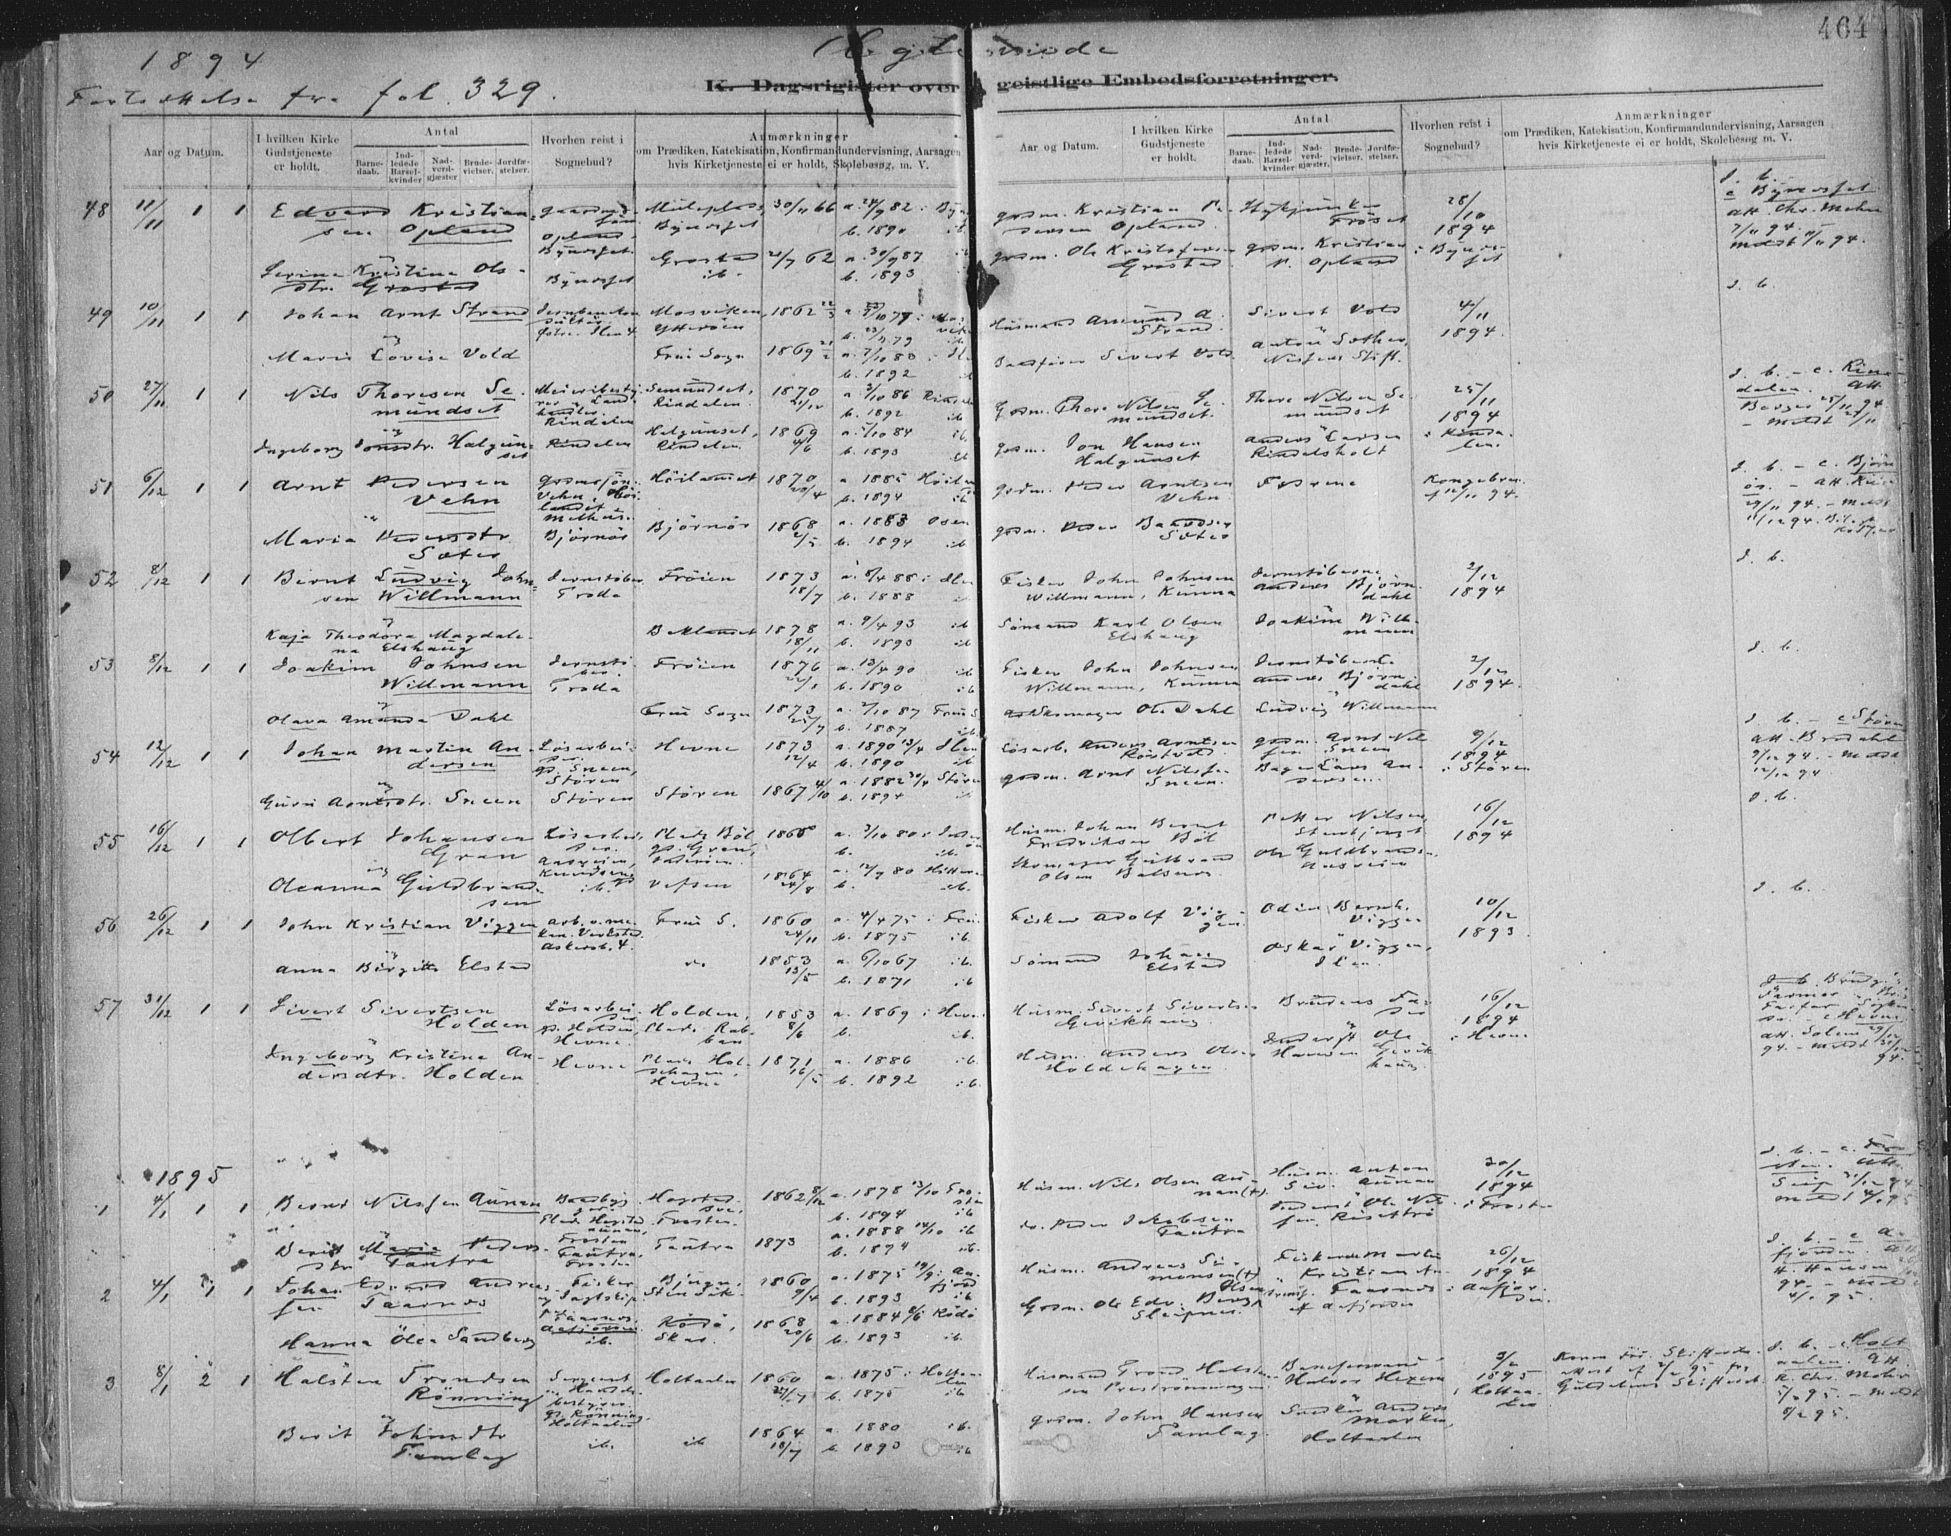 SAT, Ministerialprotokoller, klokkerbøker og fødselsregistre - Sør-Trøndelag, 603/L0163: Ministerialbok nr. 603A02, 1879-1895, s. 464